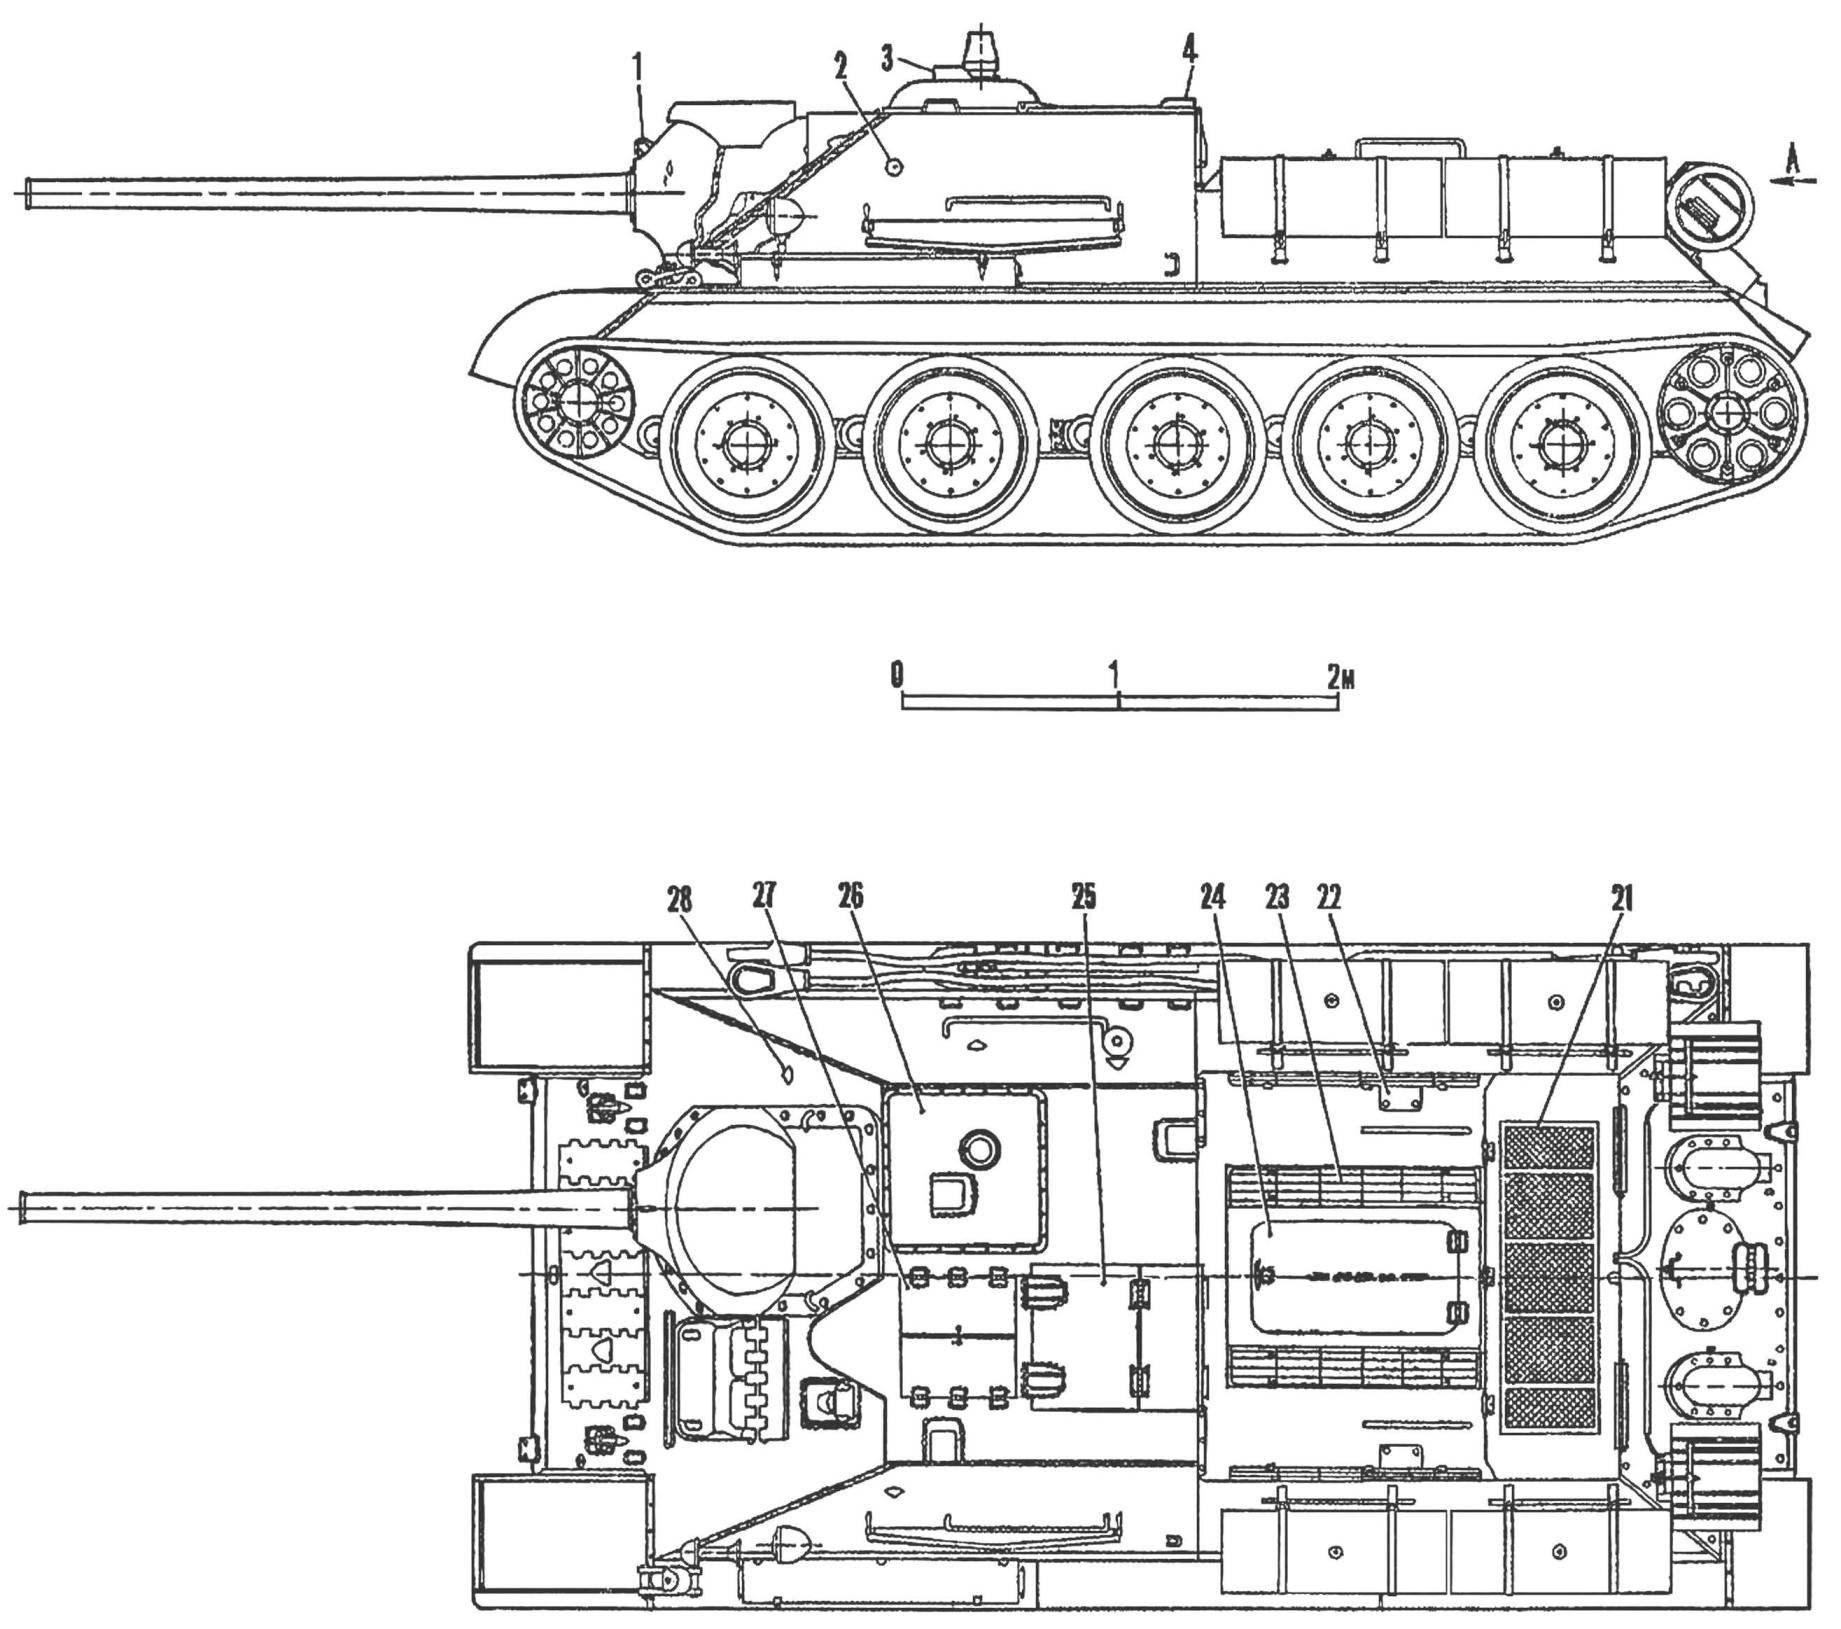 Fig. 1. SU-85.